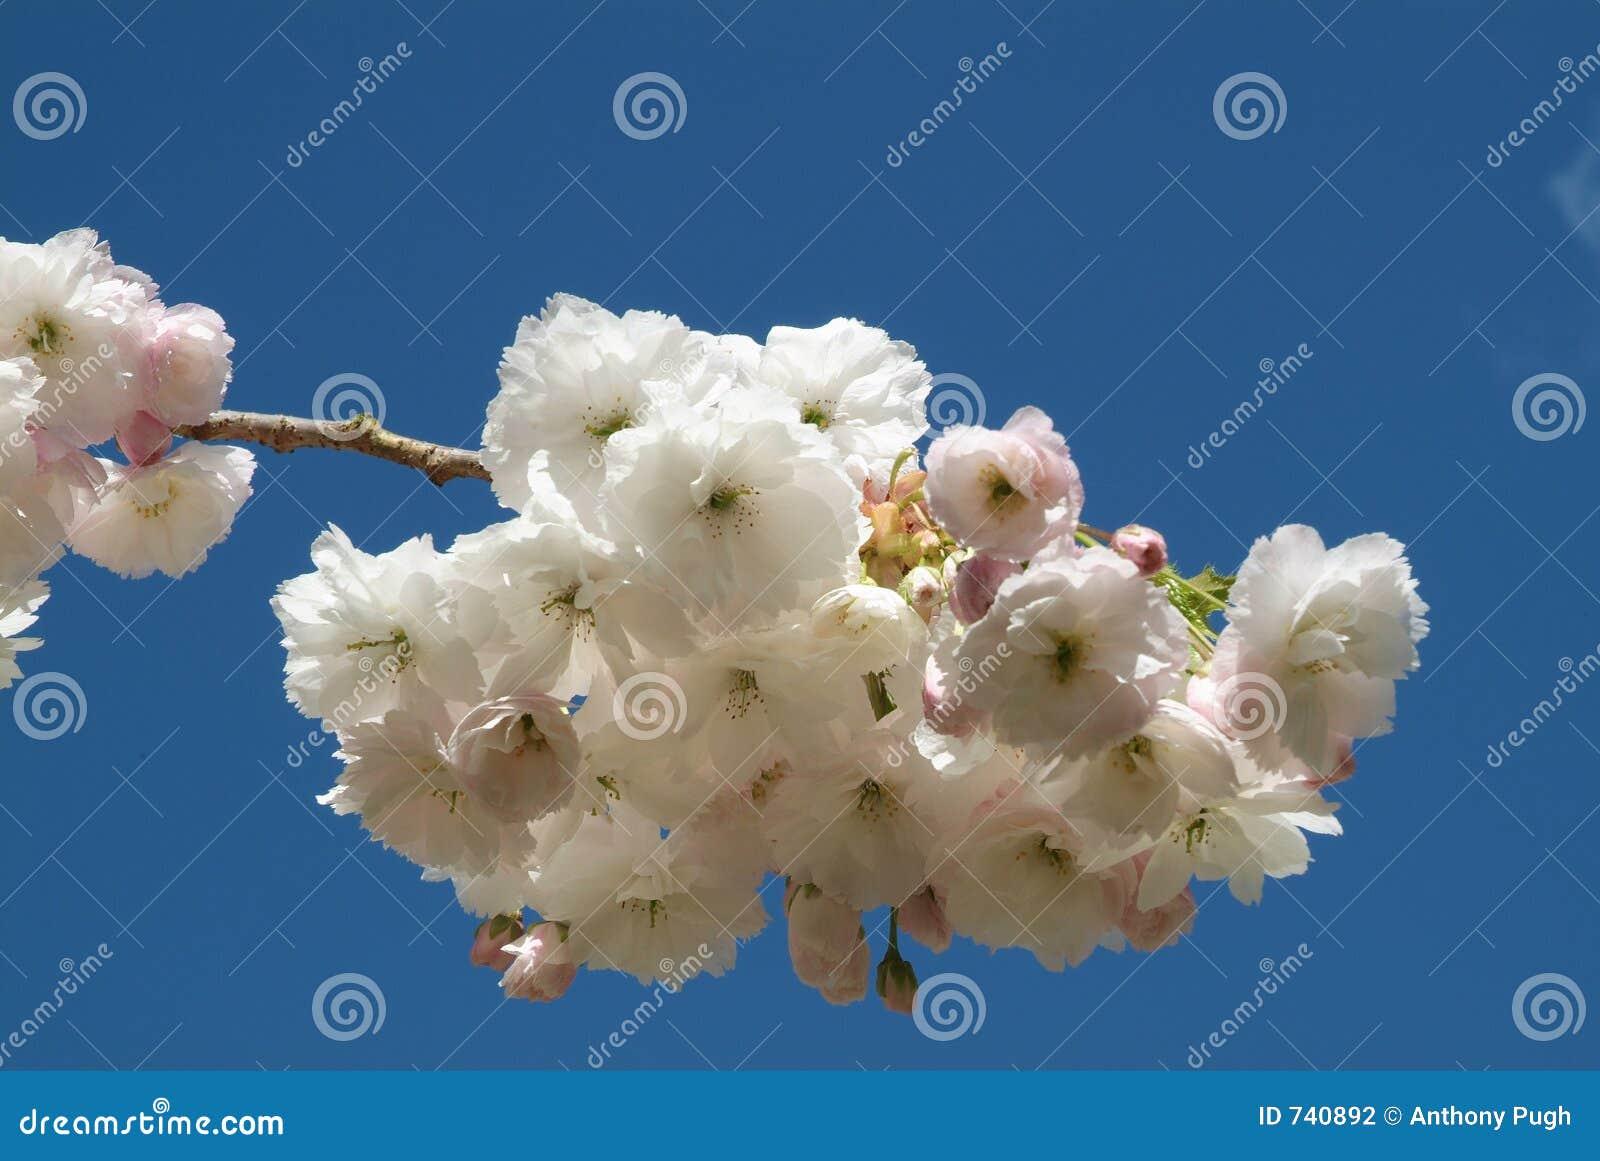 Fleur de cerise 02